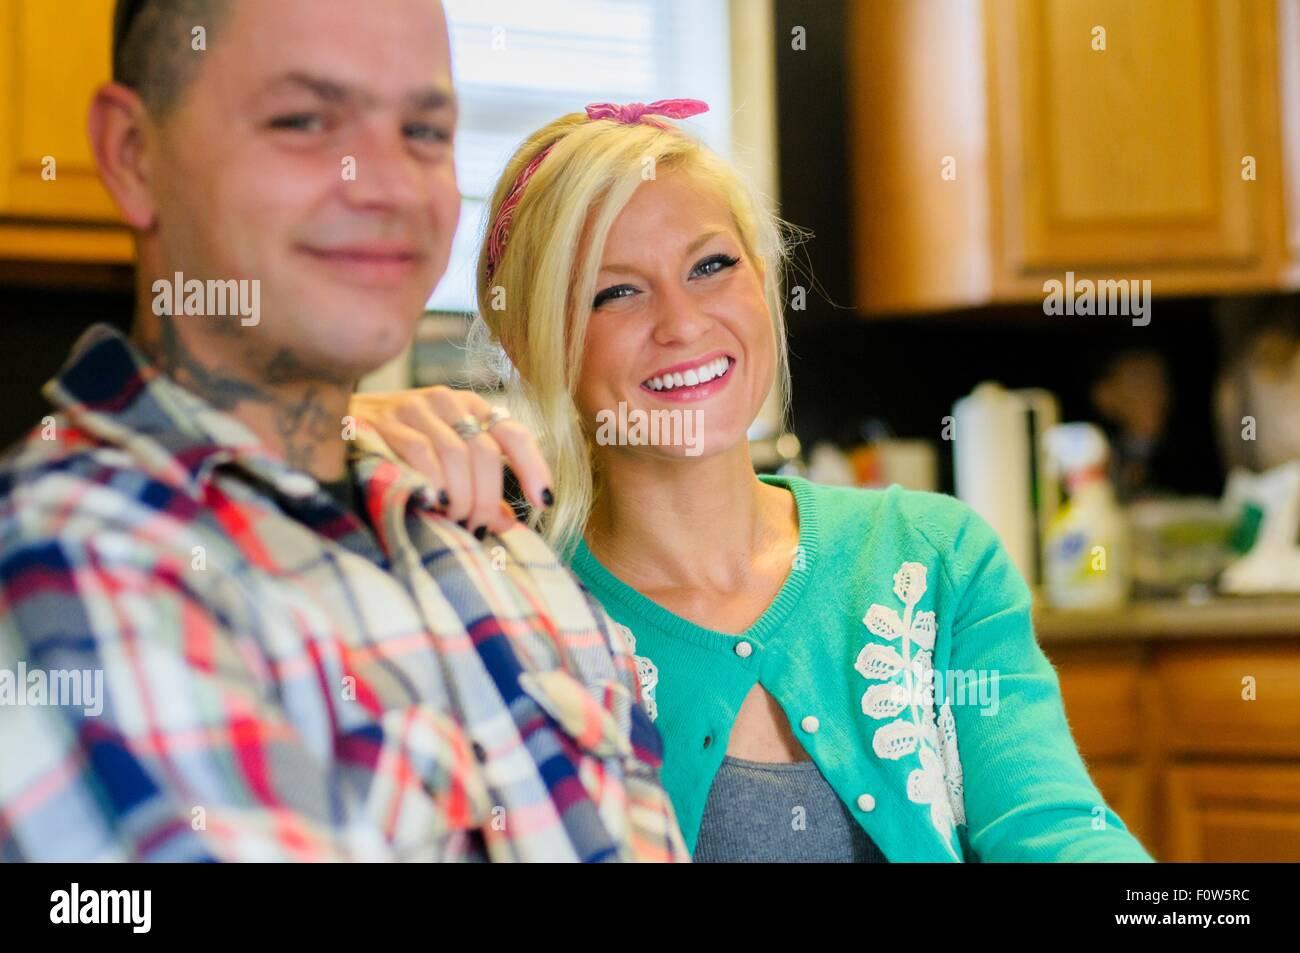 Junge Frau mit der Hand auf die Schulter des Mannes, Lächeln Stockbild